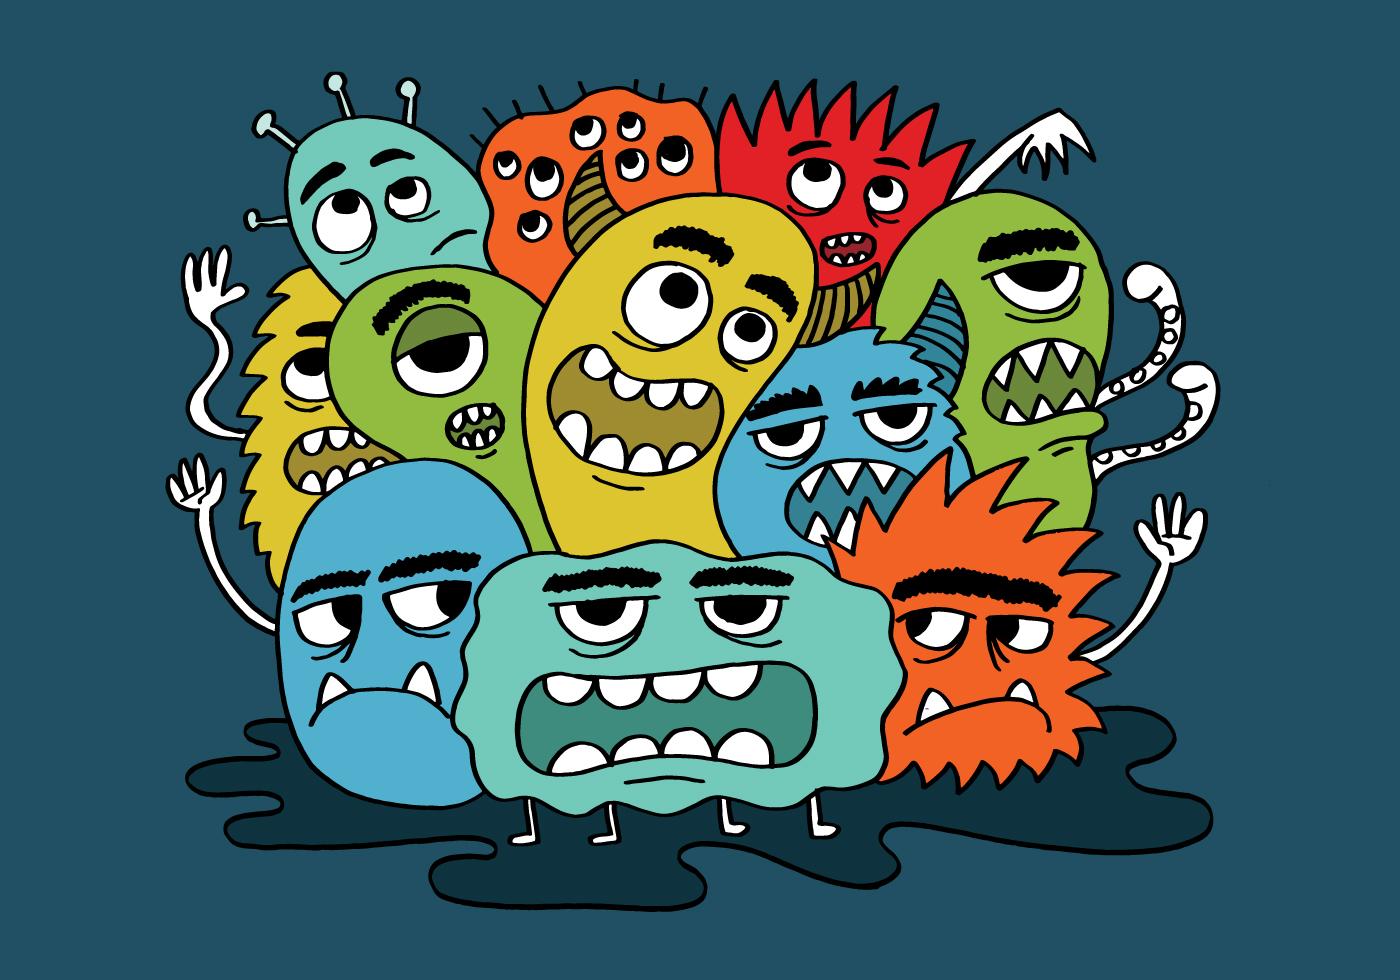 grumpy monster group - Download Free Vectors, Clipart Graphics & Vector Art